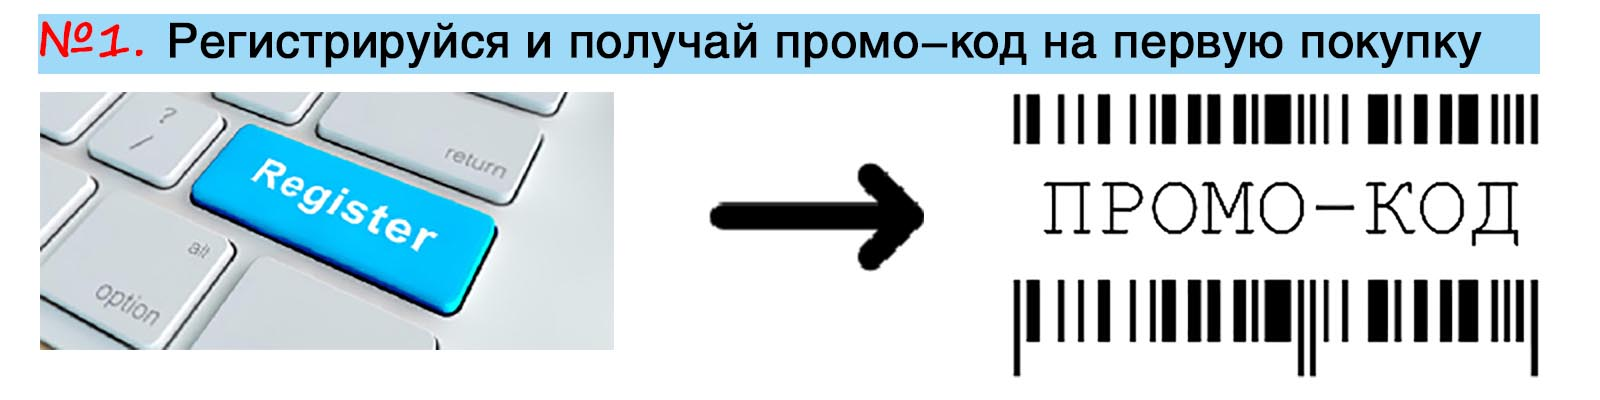 Промо-код за регистрацию